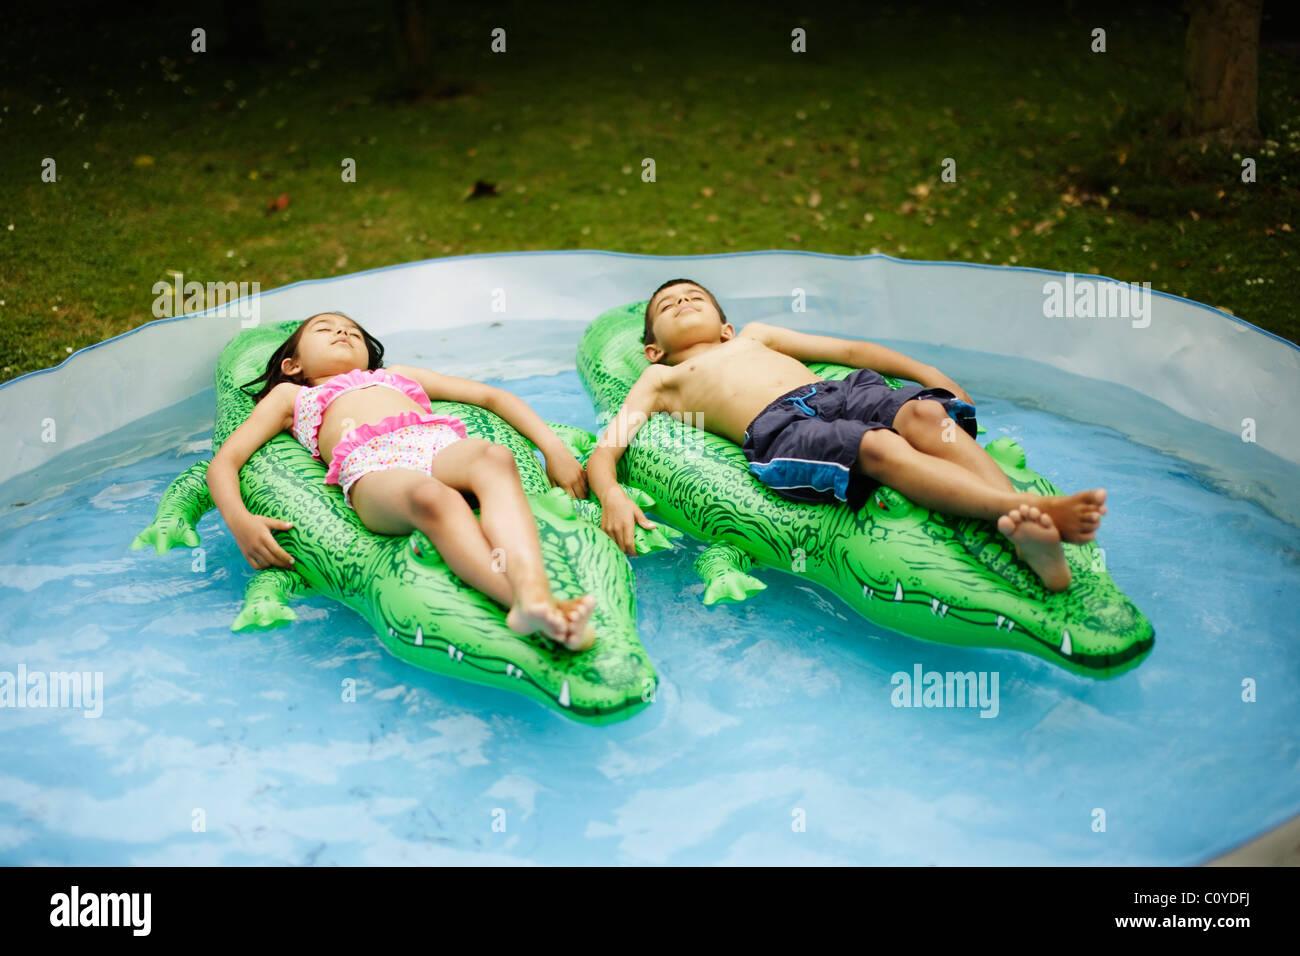 Garçon et fille se situent sur les crocodiles gonflables flottant dans la pataugeoire. Photo Stock